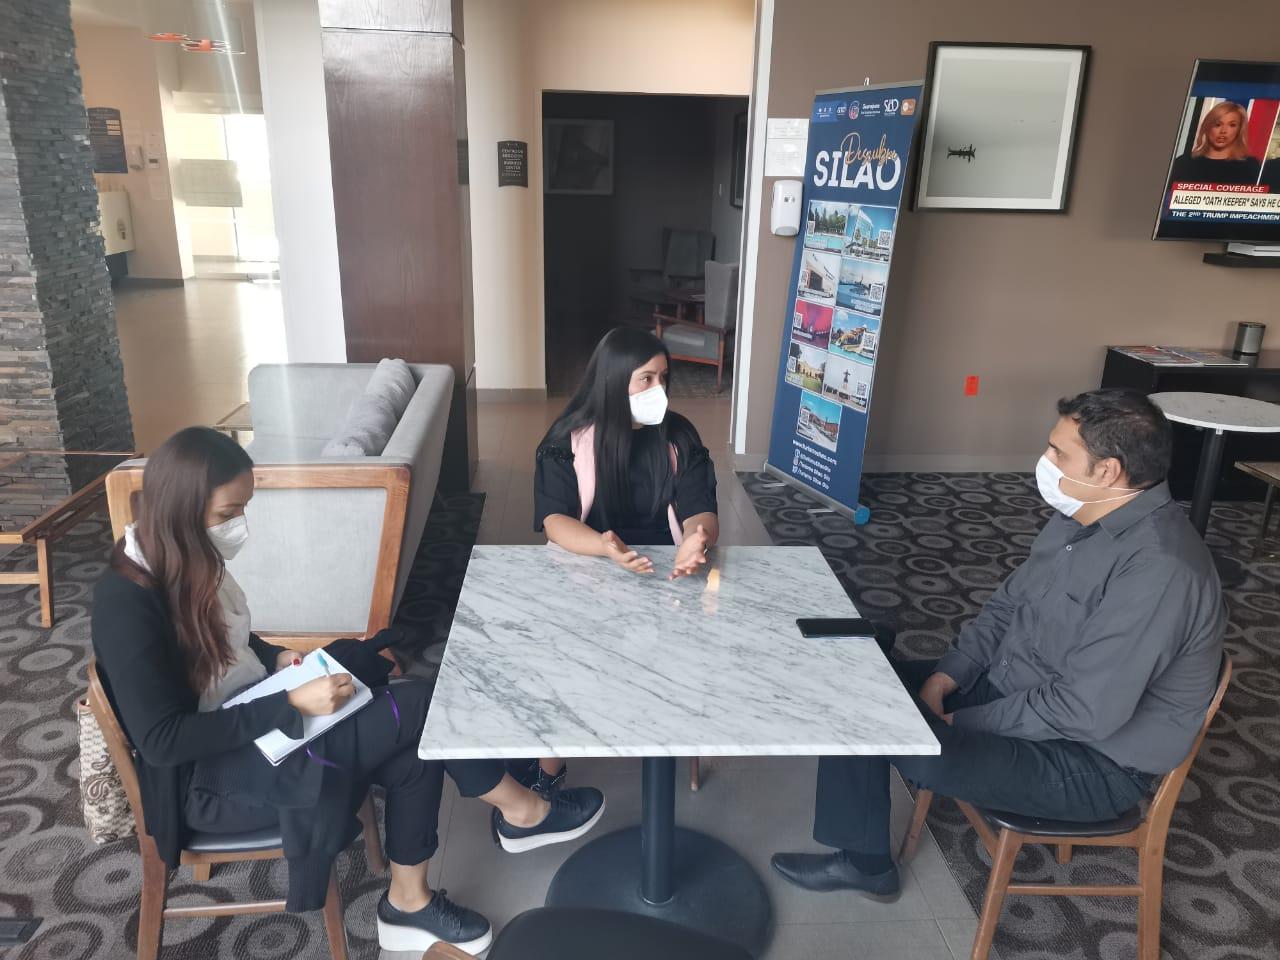 Fomento Económico se reúne con nuevo Presidente de la Asociación de Hoteles de Silao